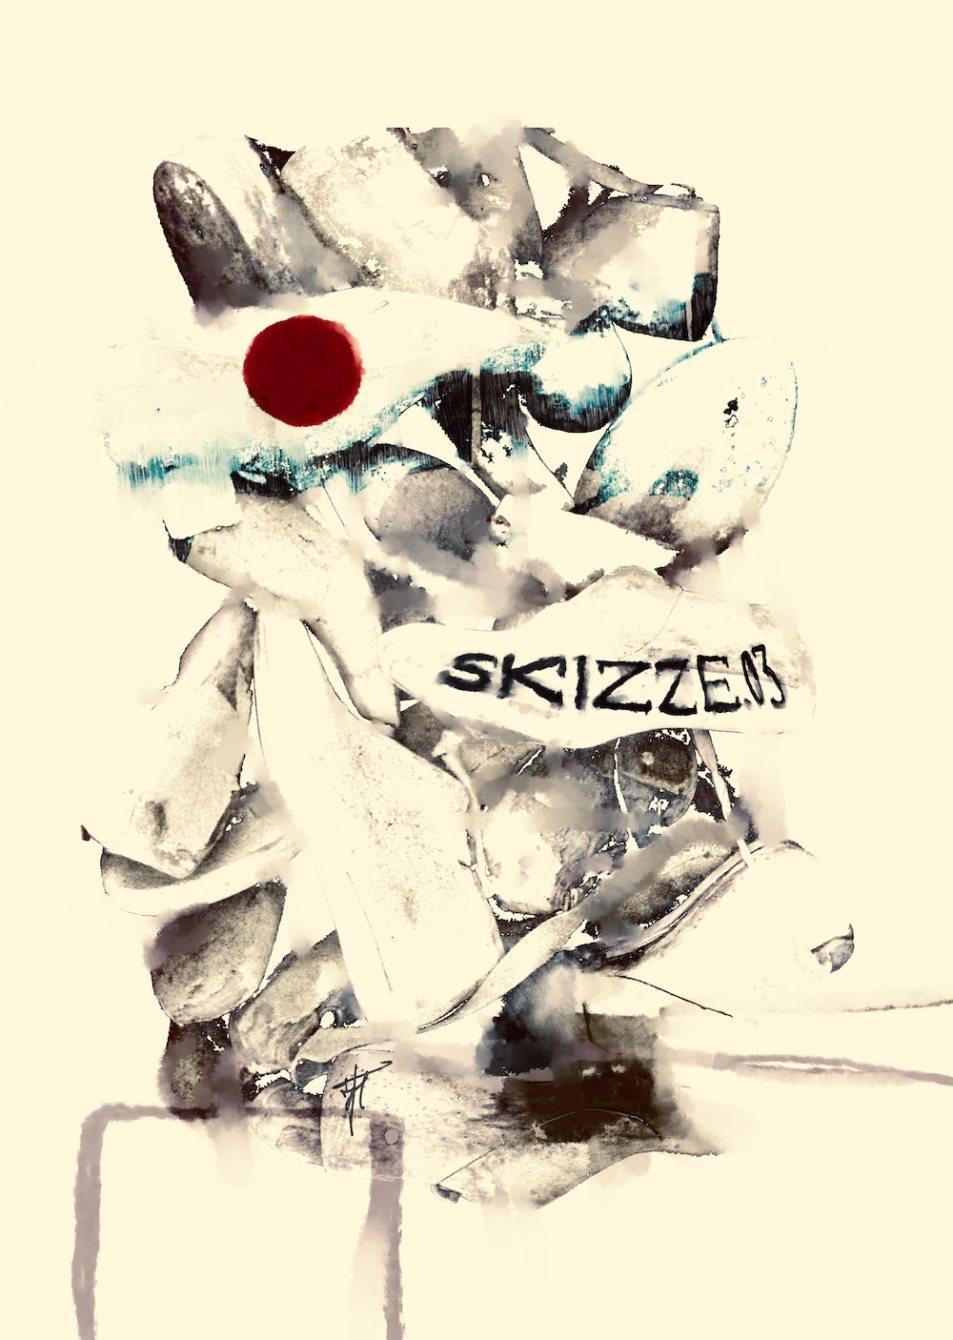 Skizze.03 - Flyer back